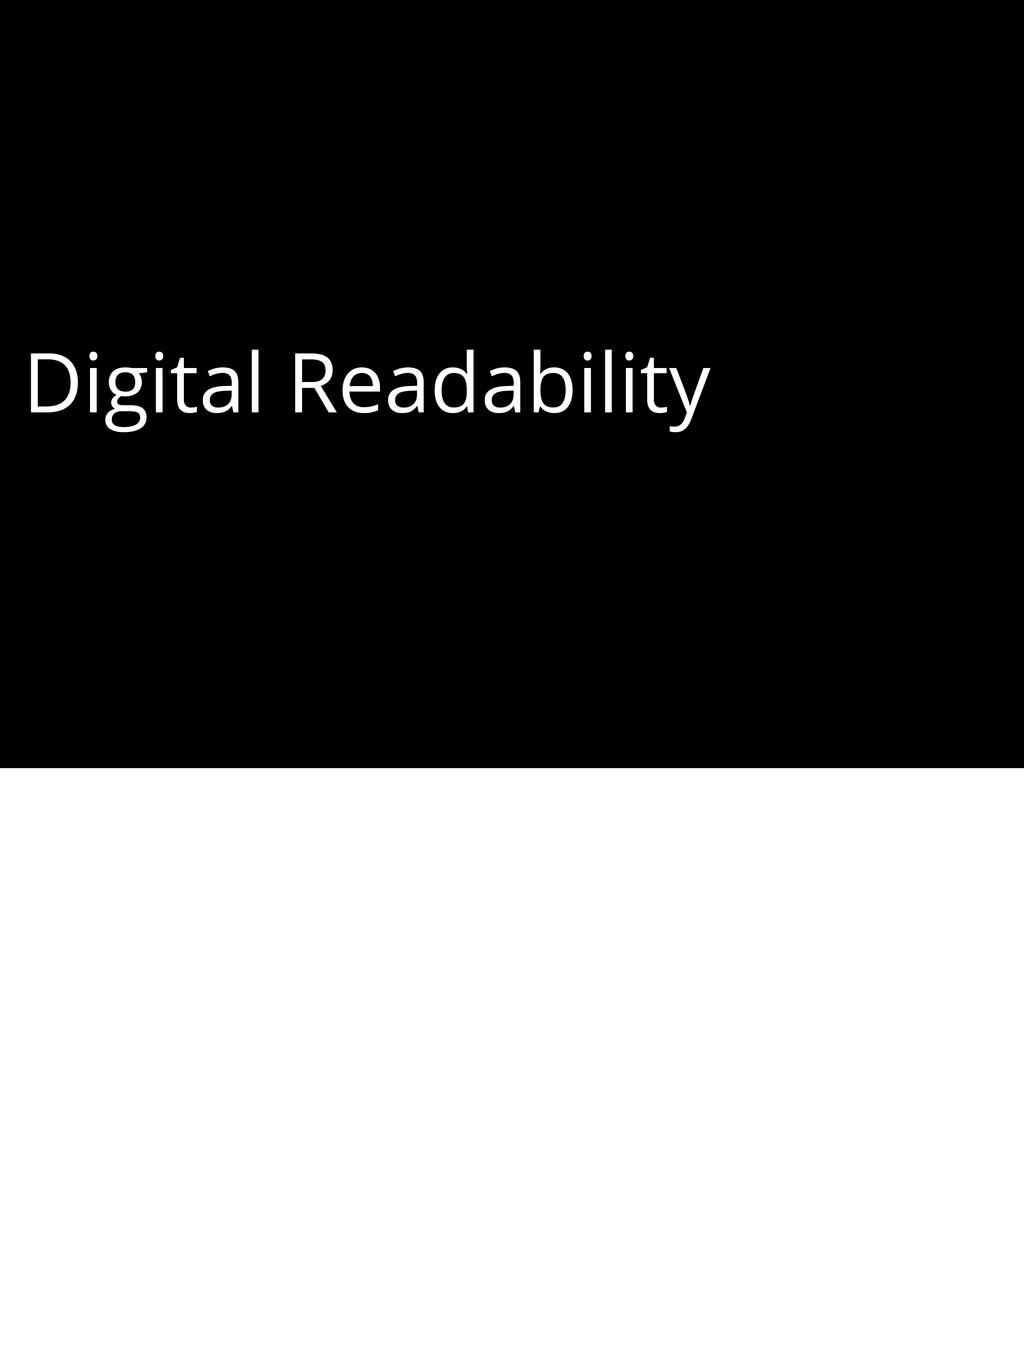 Digital Readability